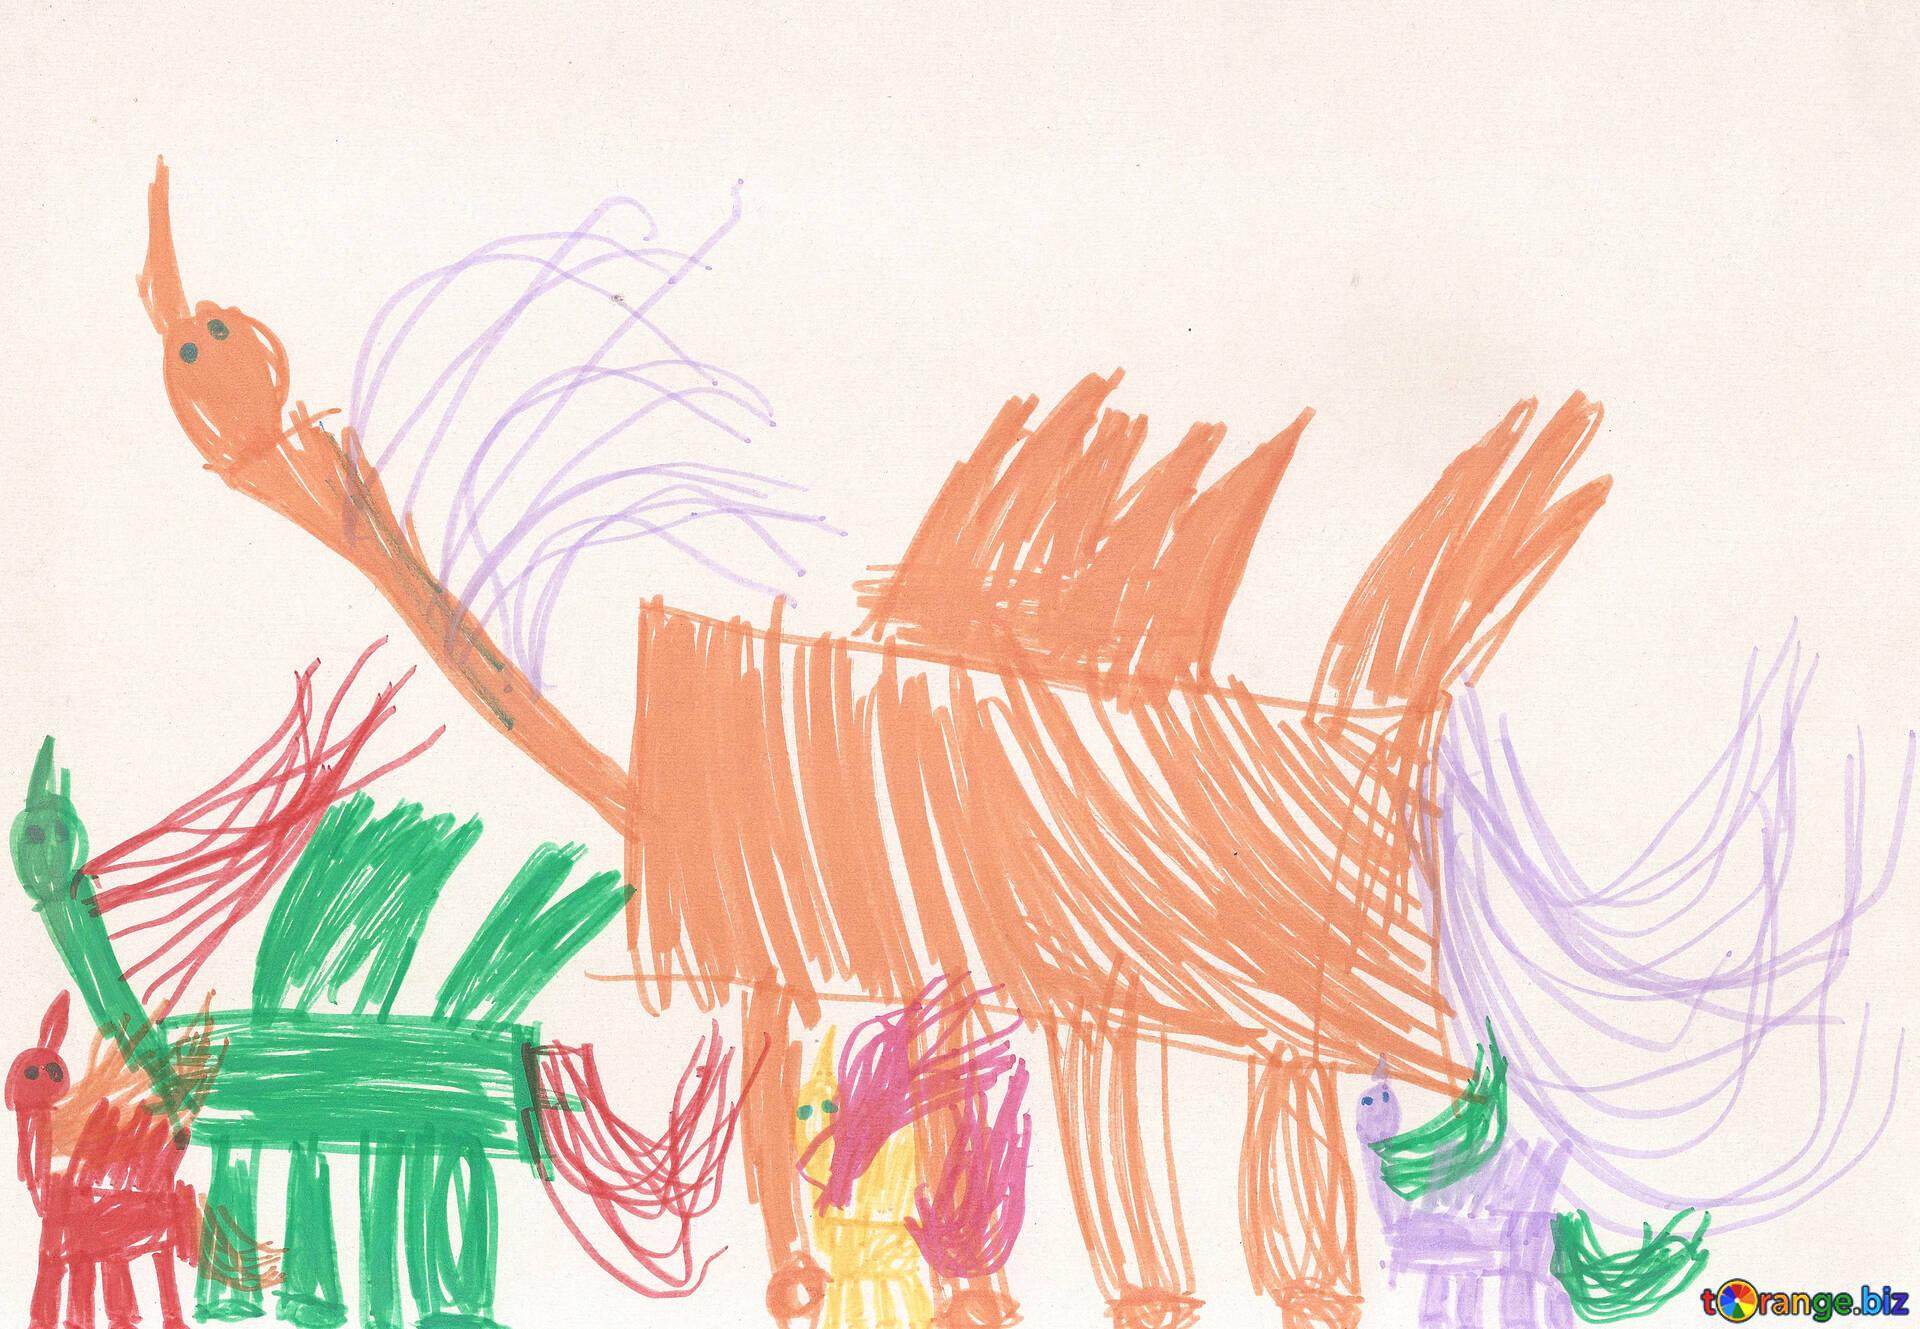 Disegno Di Un Cavallo Per Bambini Una Mandria Di Cavalli Alati